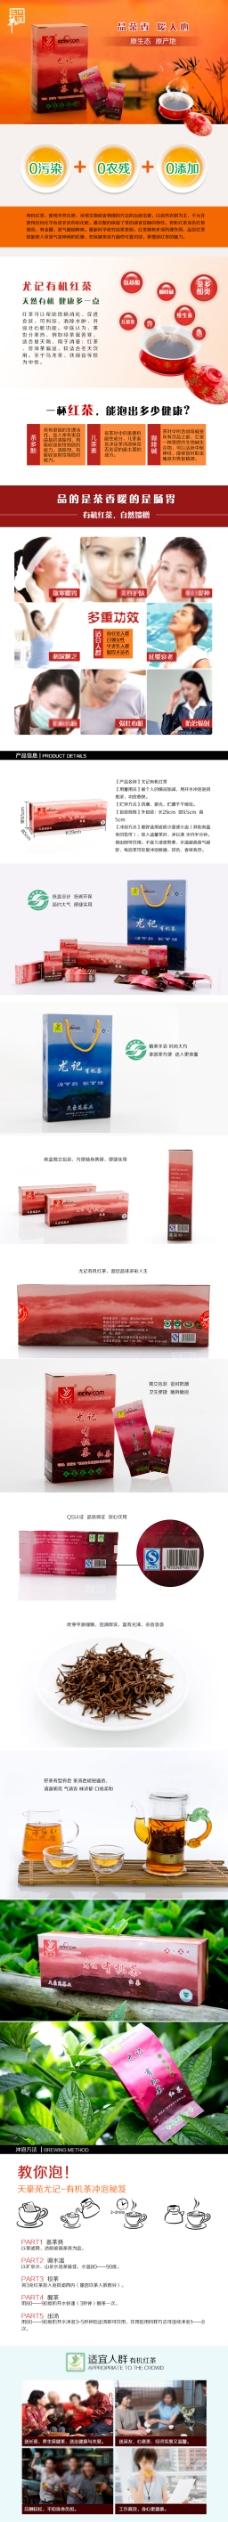 淘宝有机红茶叶详情页尤仙子中国梦健康梦